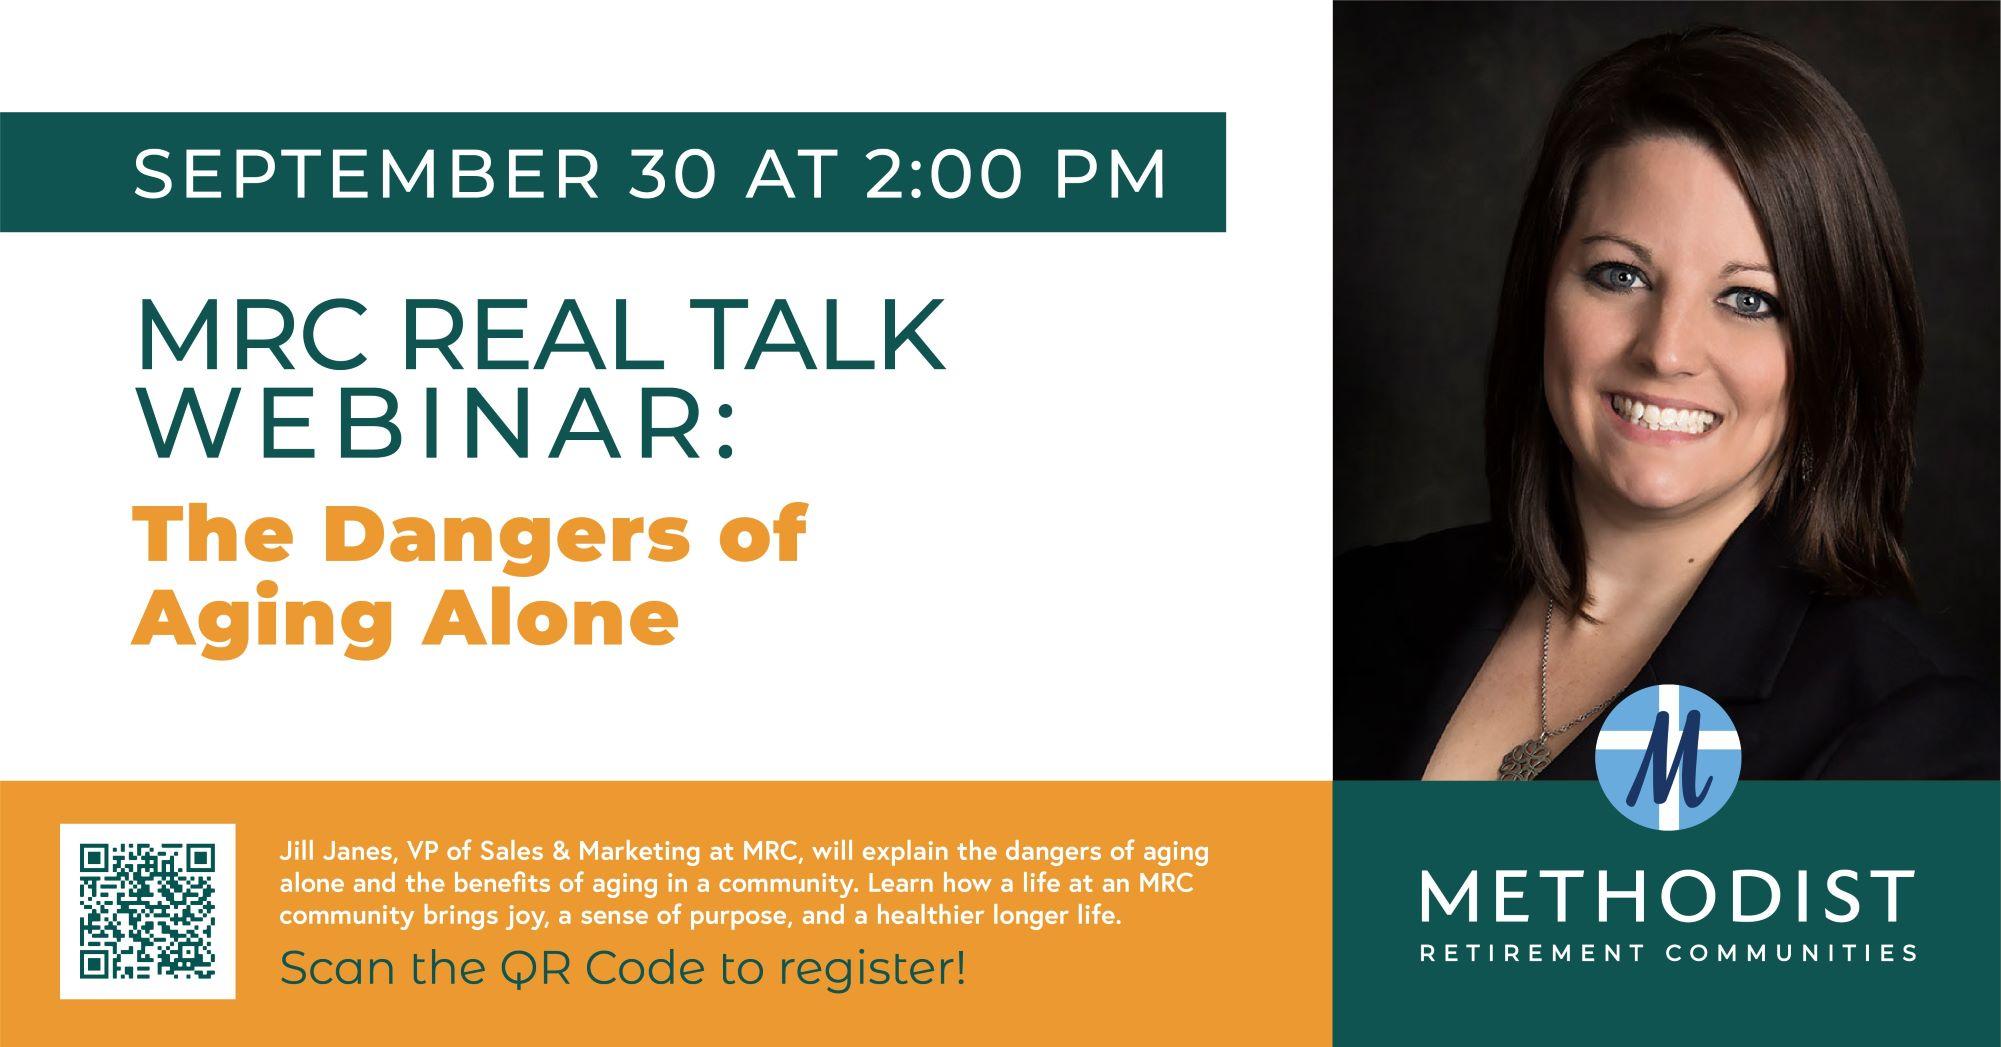 MRC REAL TALK WEBINAR: The Dangers of Aging Alone